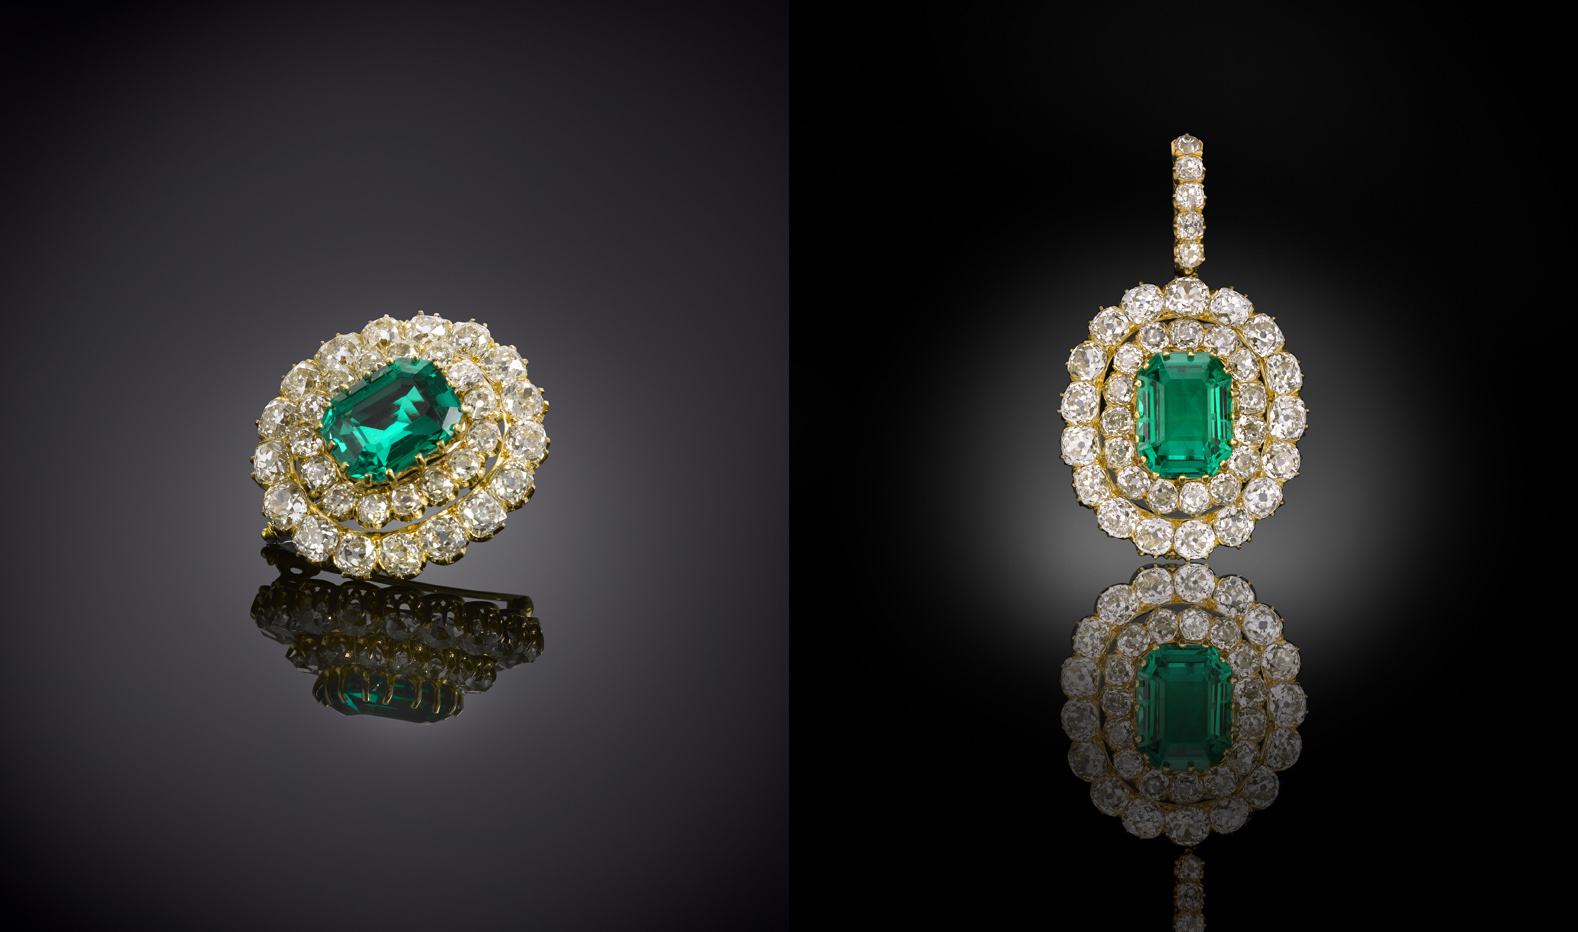 Jewelry Case Study